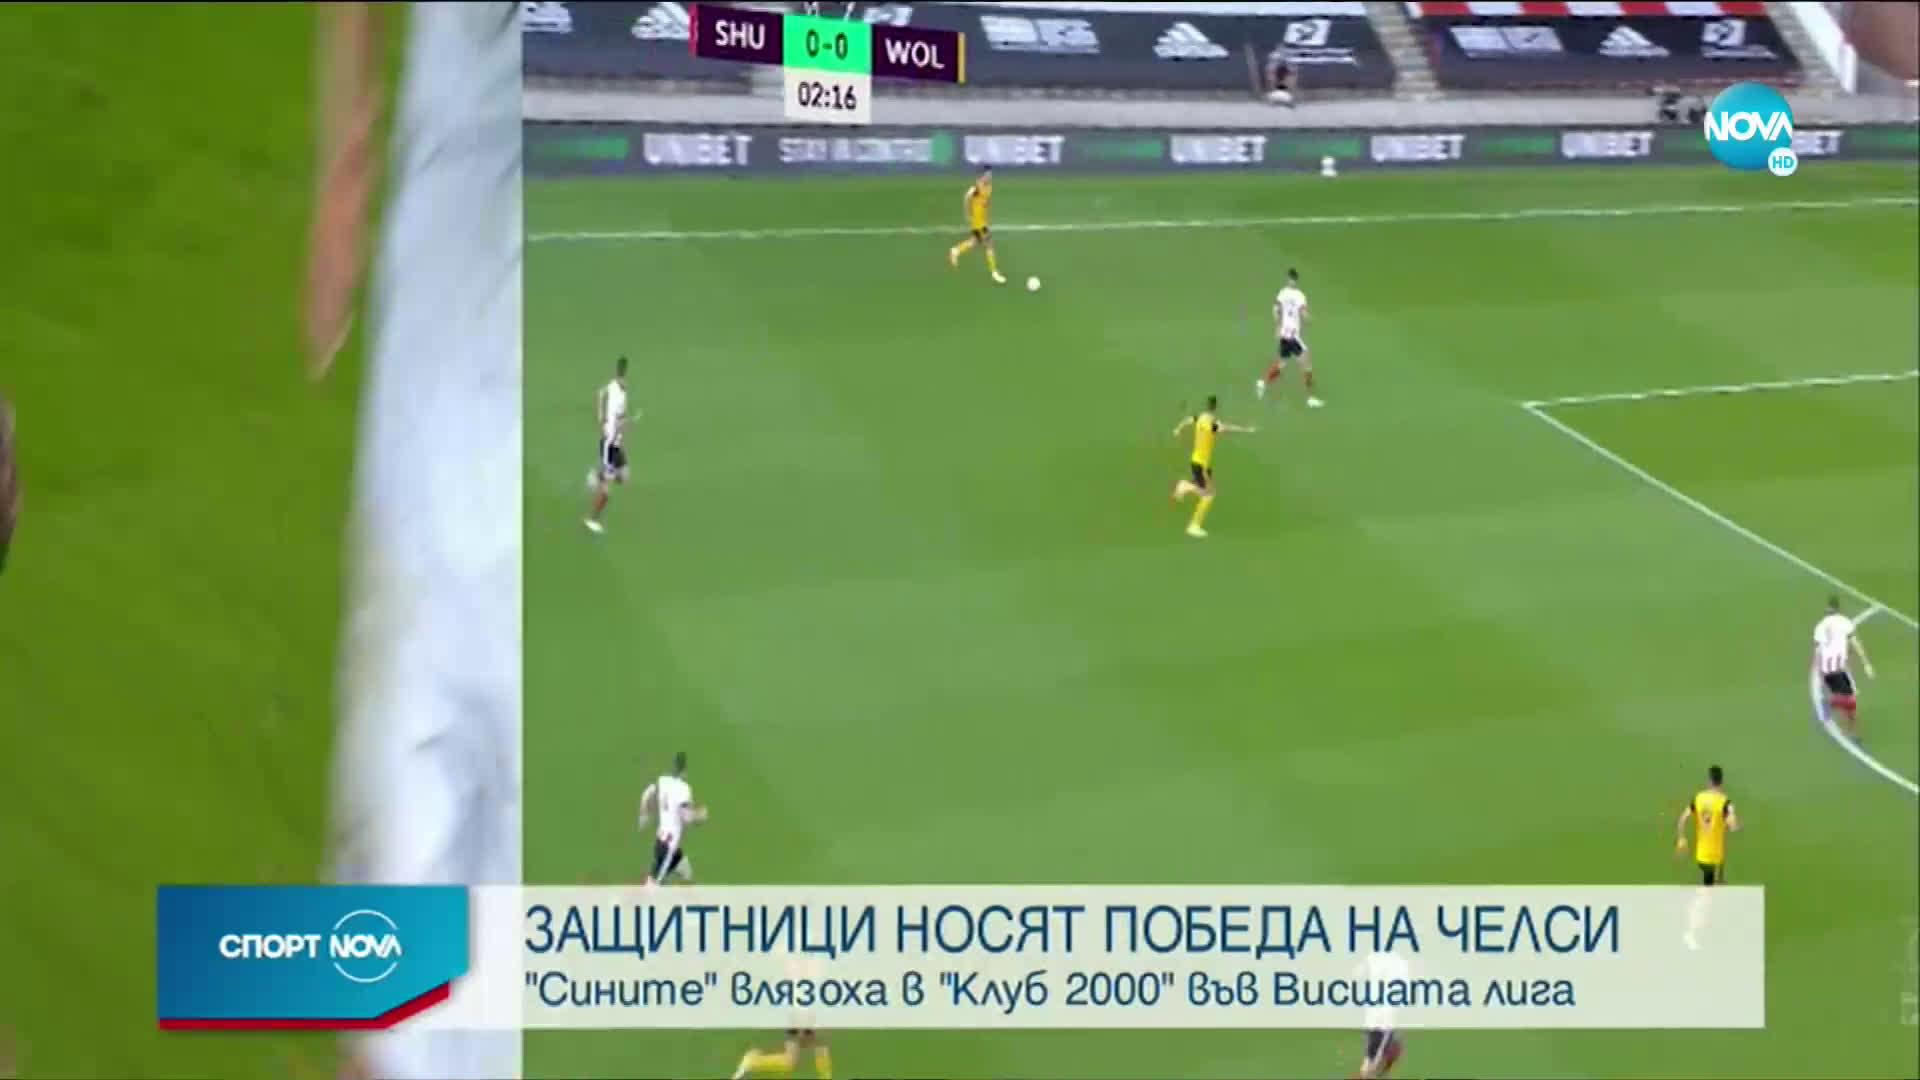 Спортни новини (15.09.2020 - обедна емисия)